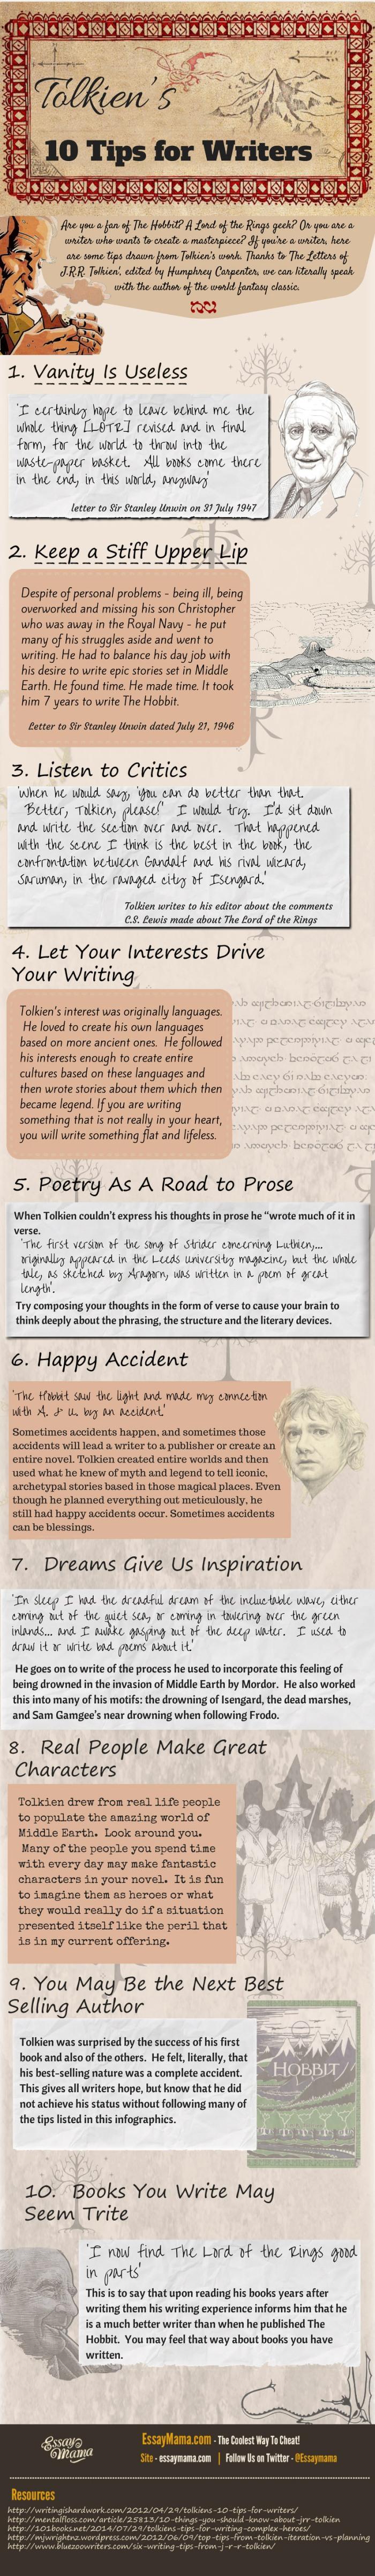 Tolkien10tips.jpg